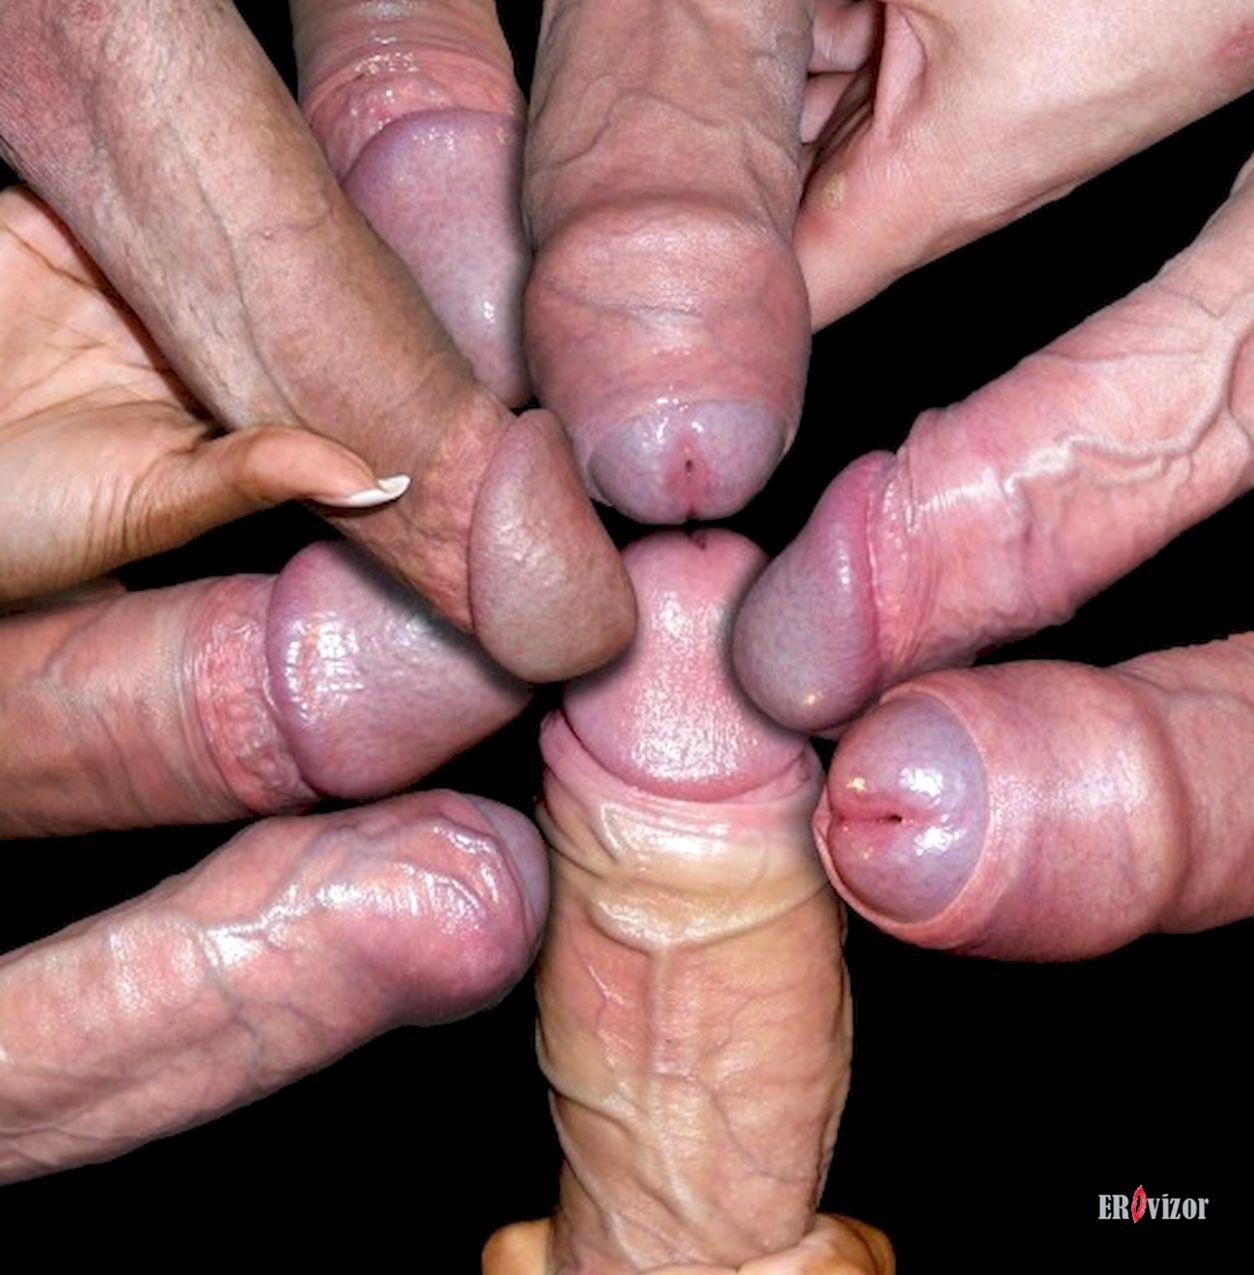 Мужики мерятся членами